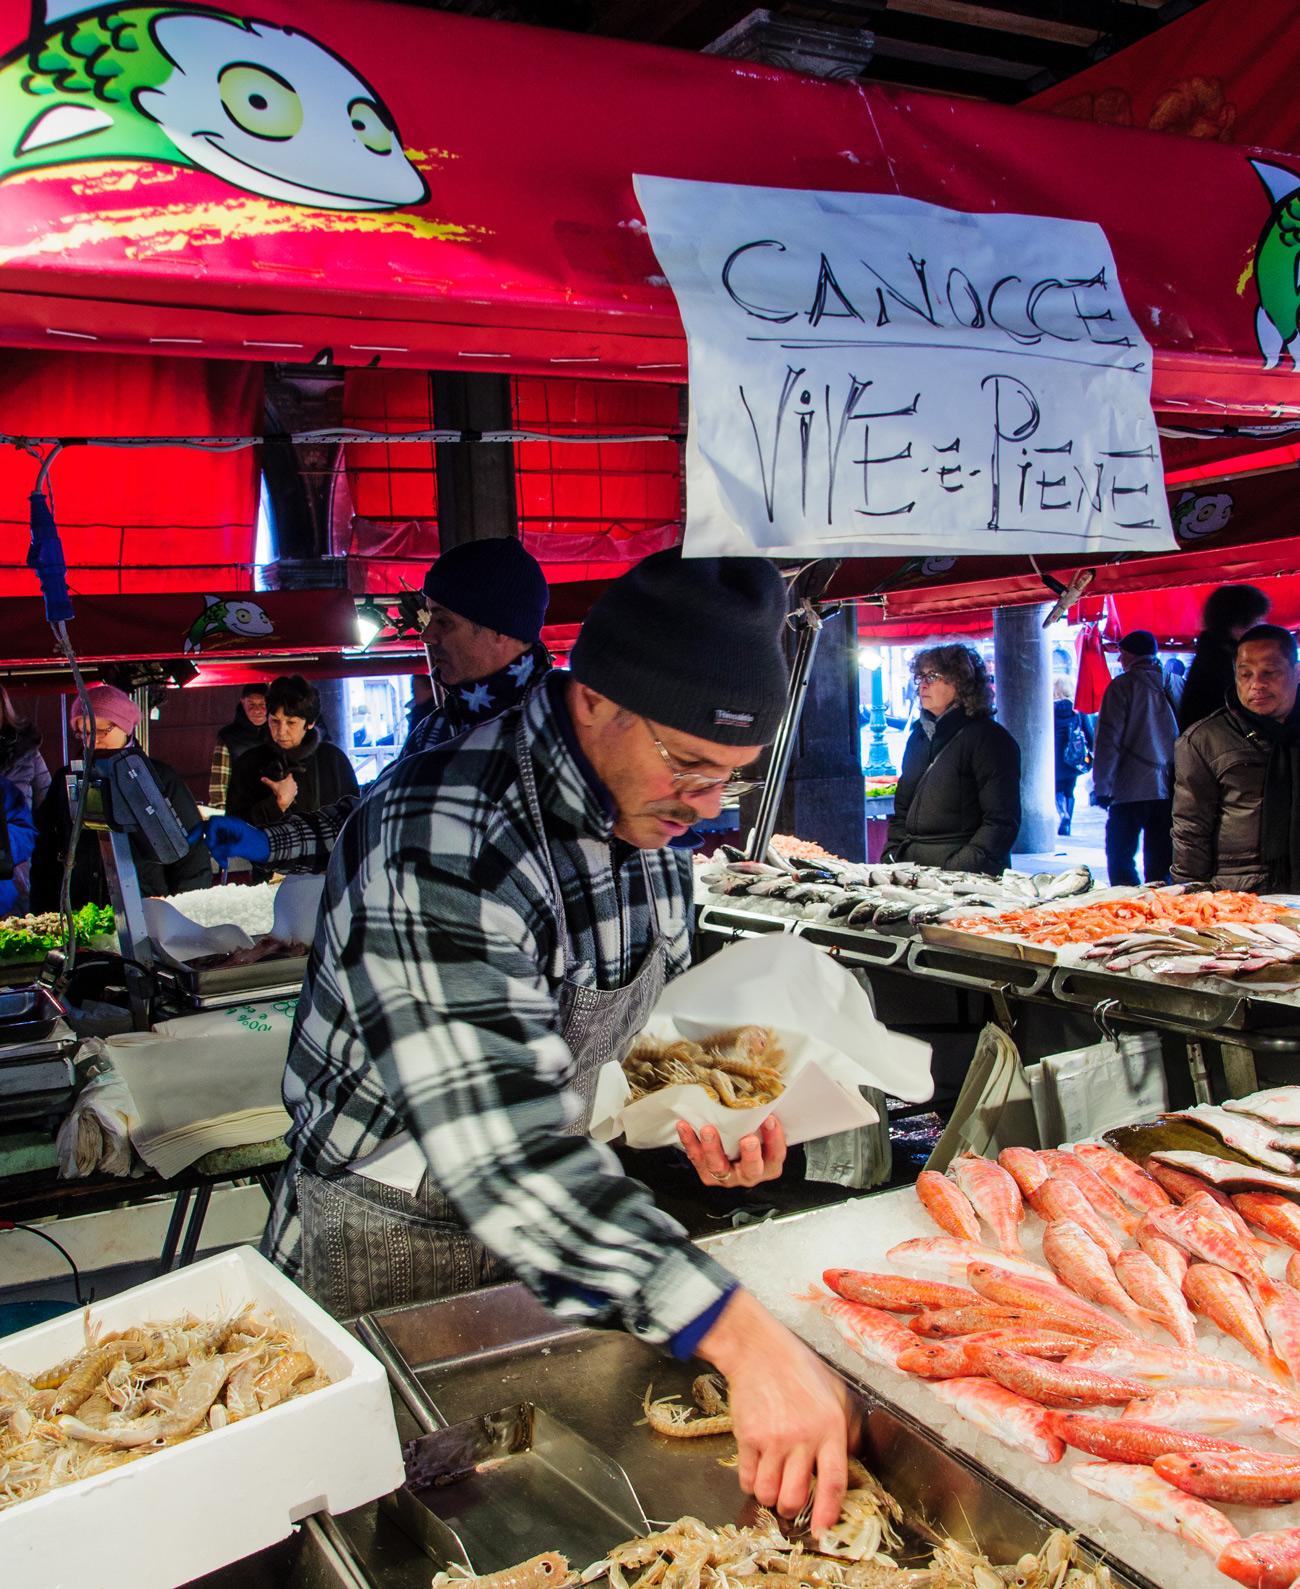 mercato-del-pesce-rialto-venezia-bancarella.jpg